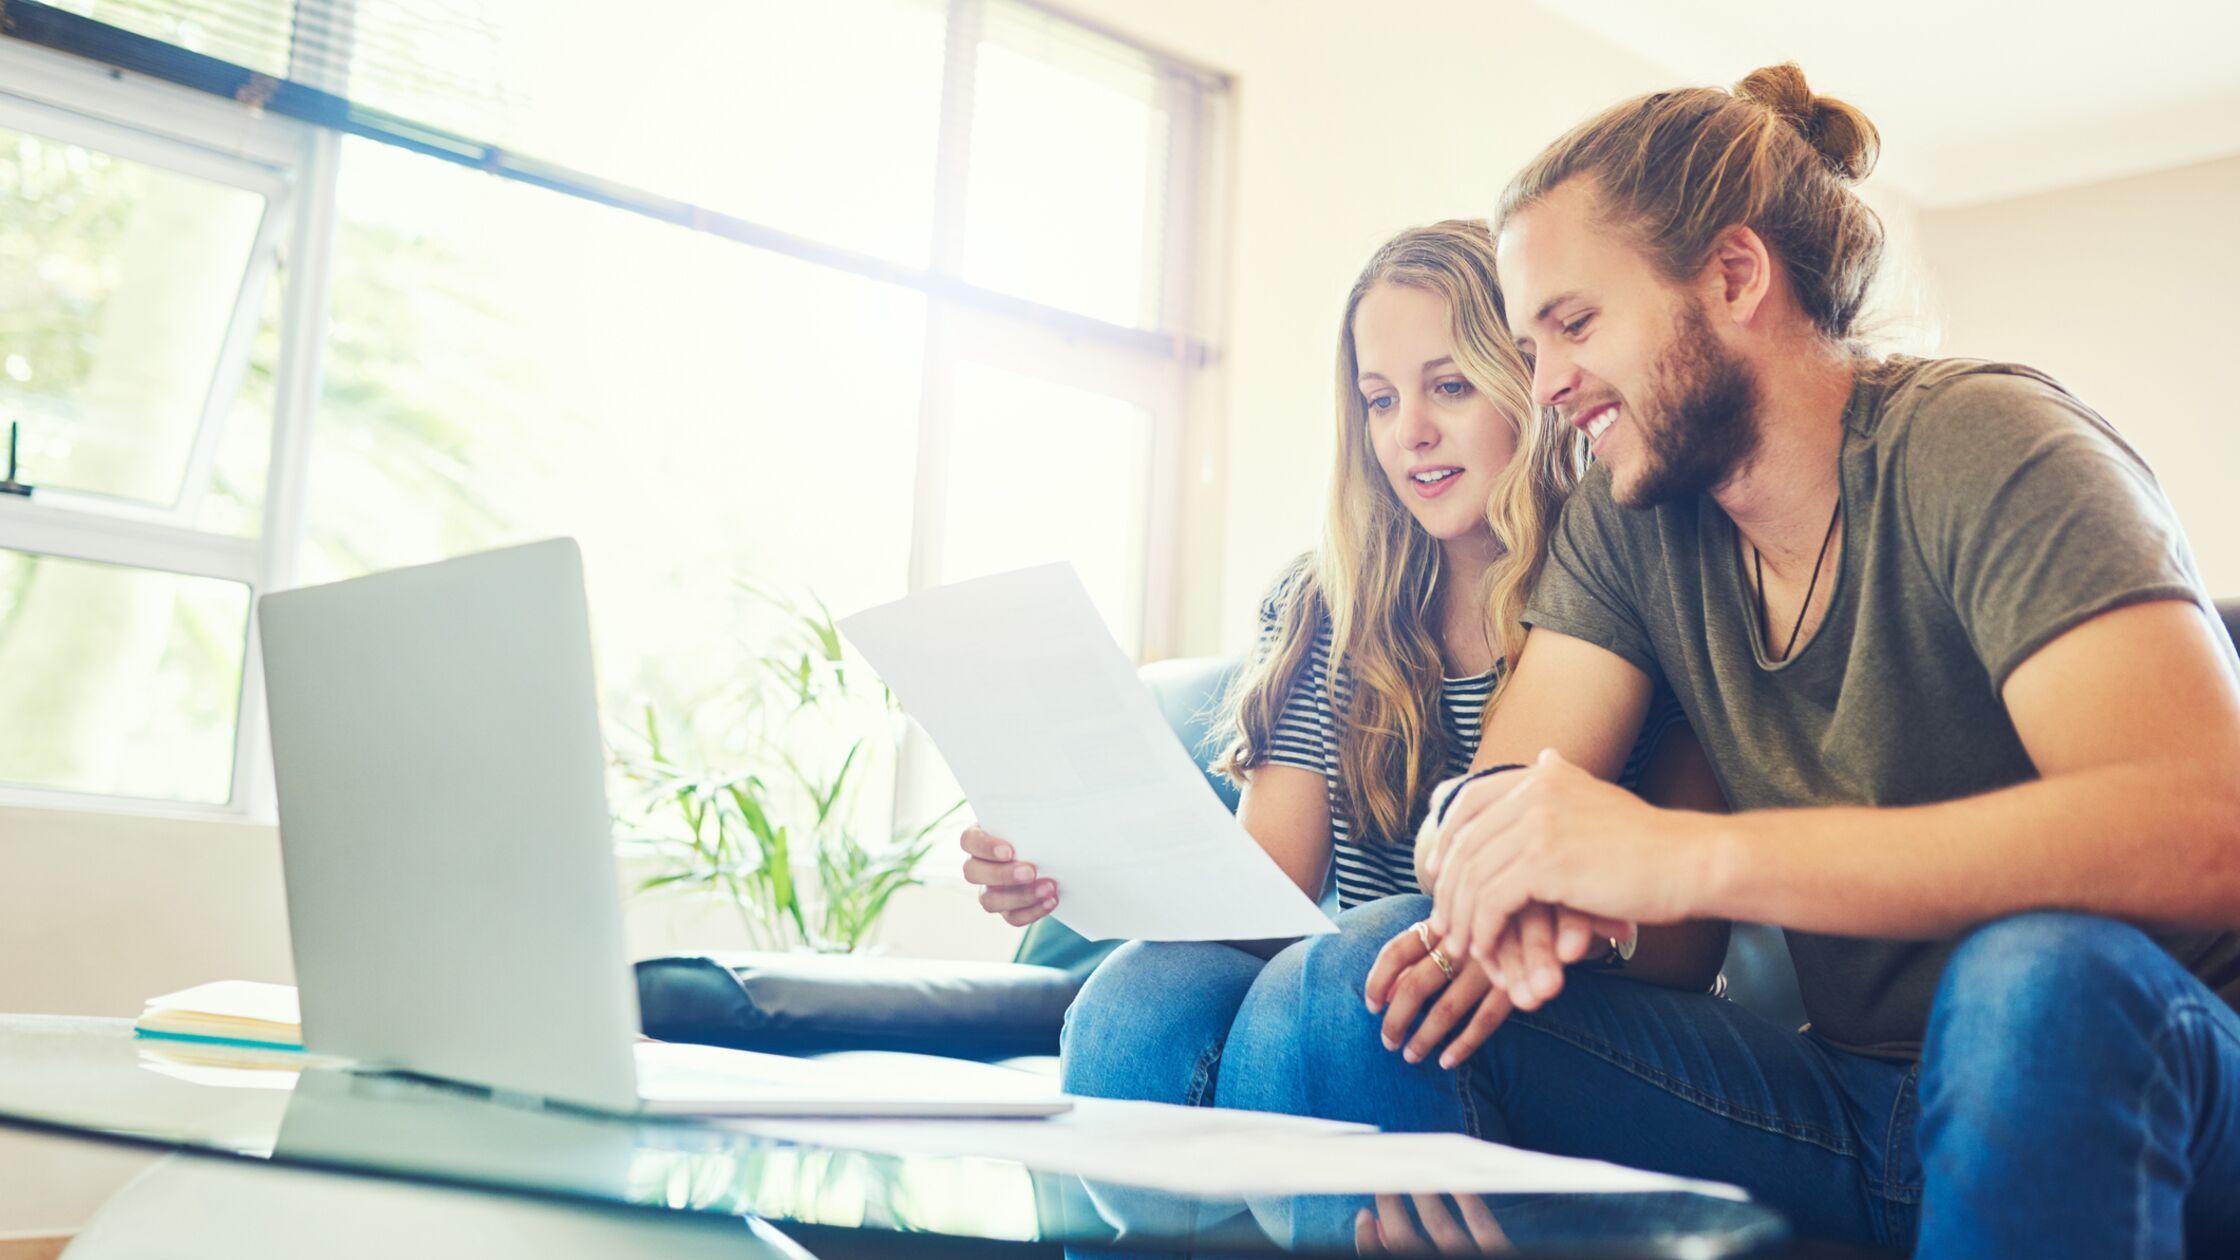 Wohnungsbewerbung: So erhöhen Sie die Chancen bei der Suche